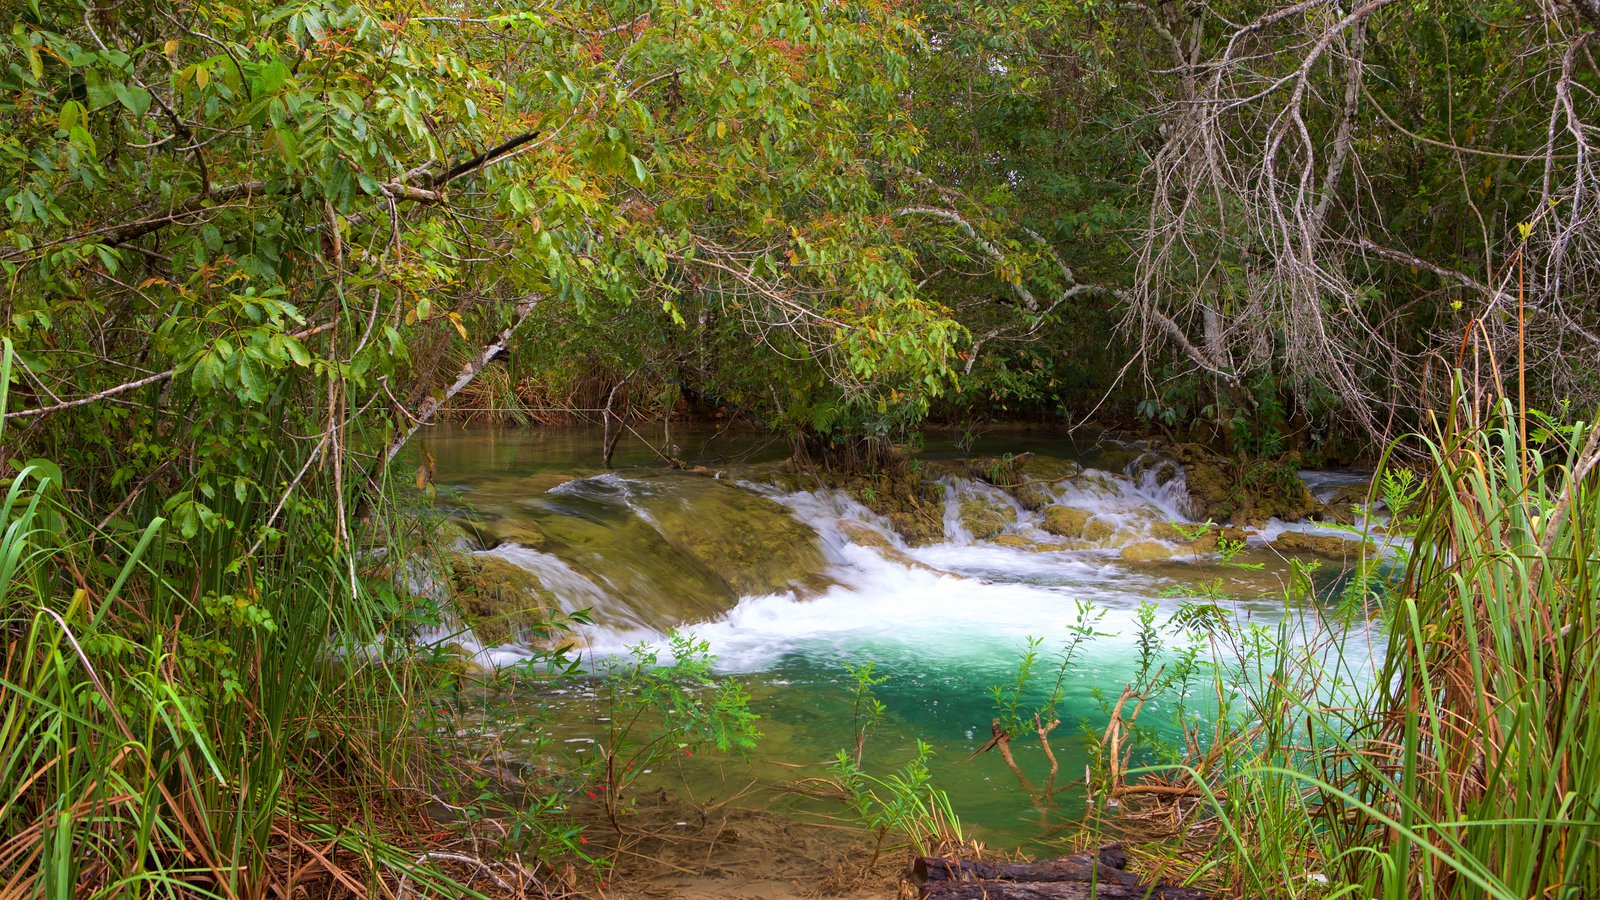 Parque Ecológico Rio Formoso que inclui mangues, floresta tropical e um rio ou córrego